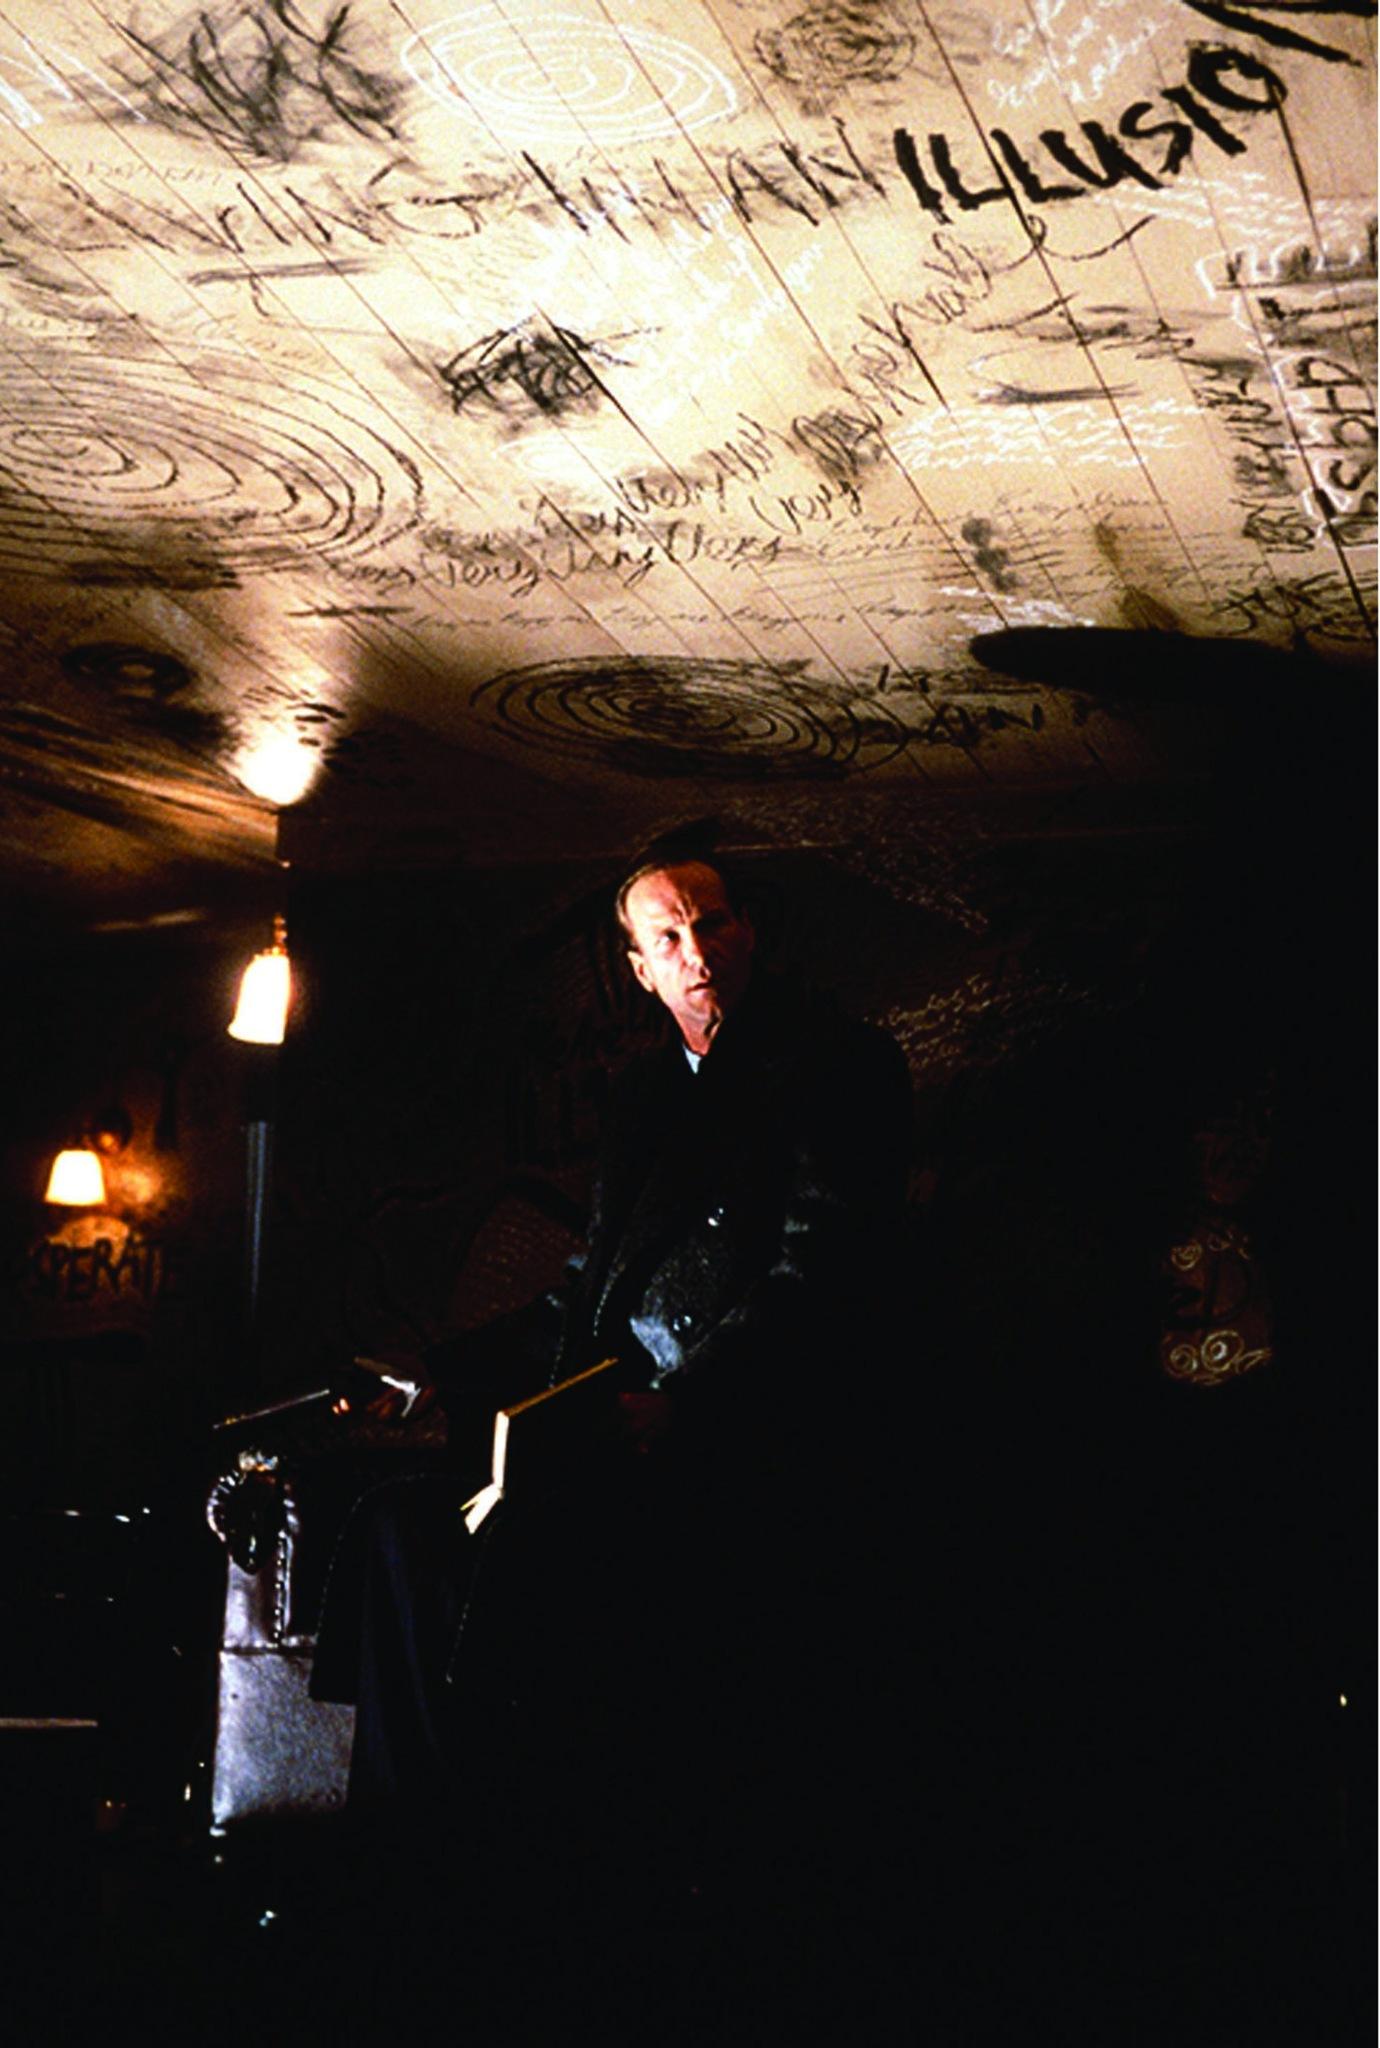 William Hurt in Dark City (1998)